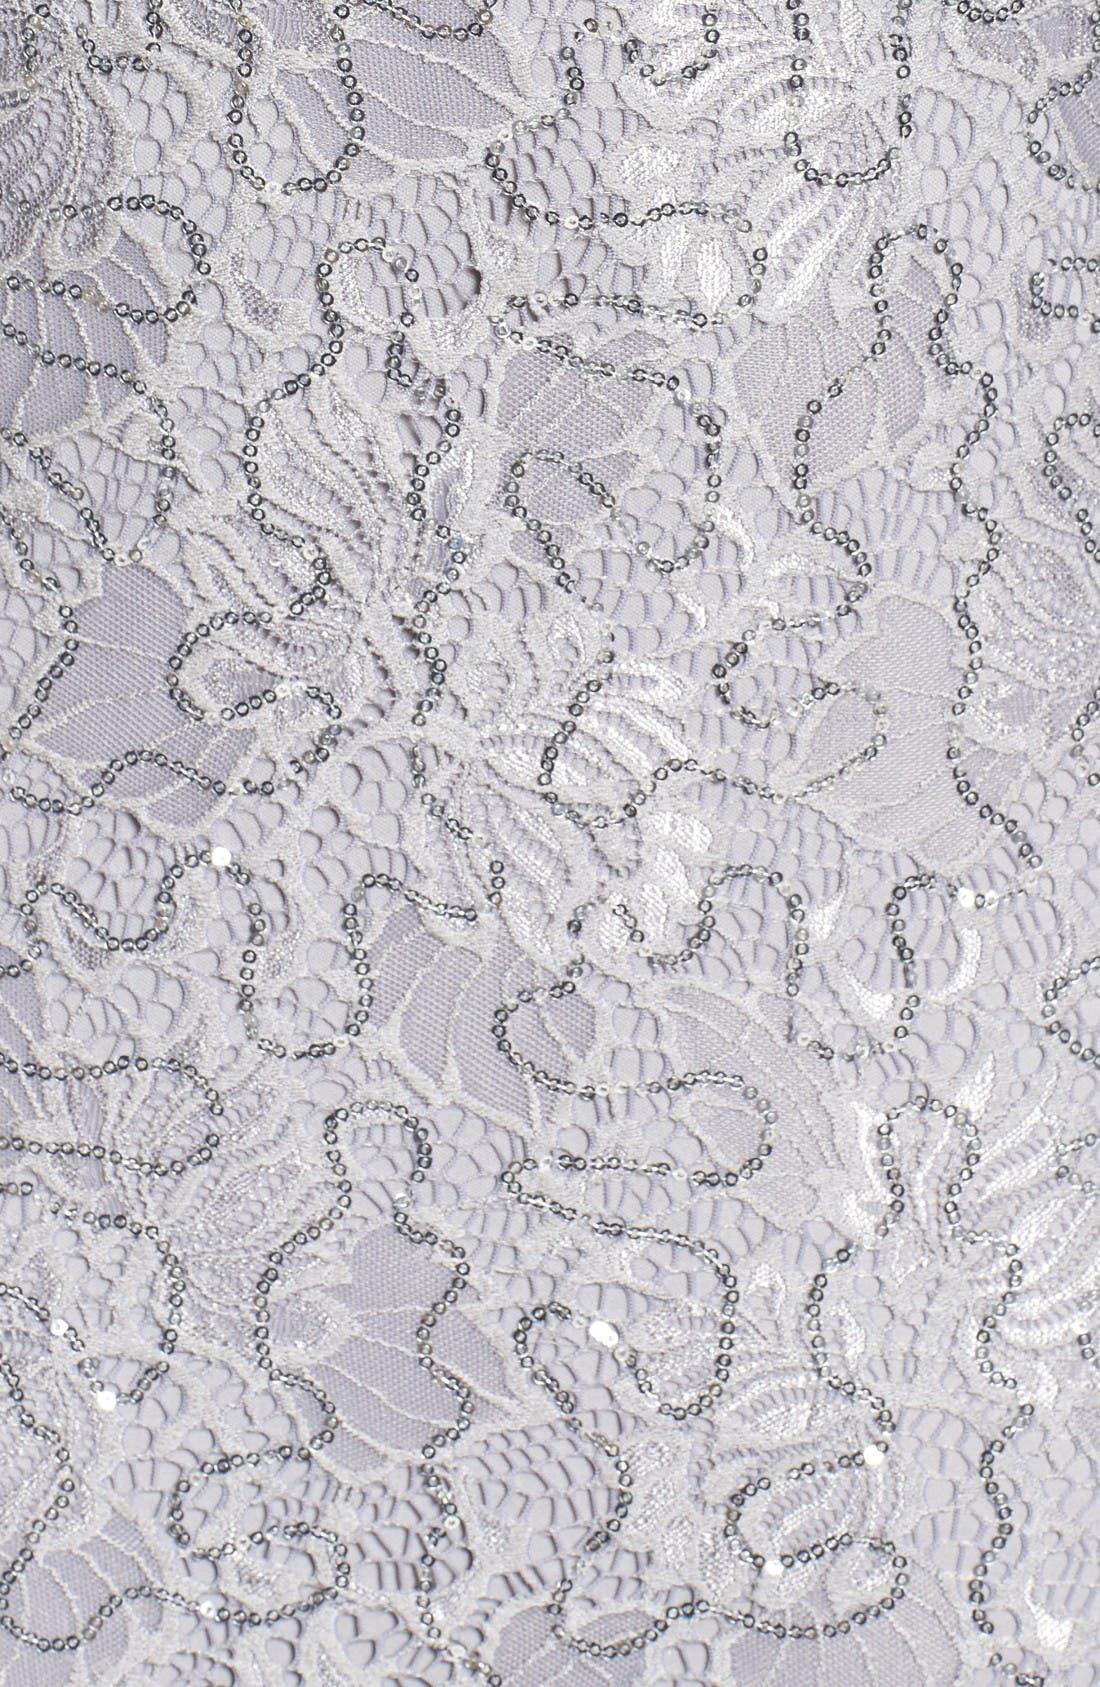 Sequin Lace Cold Shoulder Long Dress,                             Alternate thumbnail 5, color,                             Grey